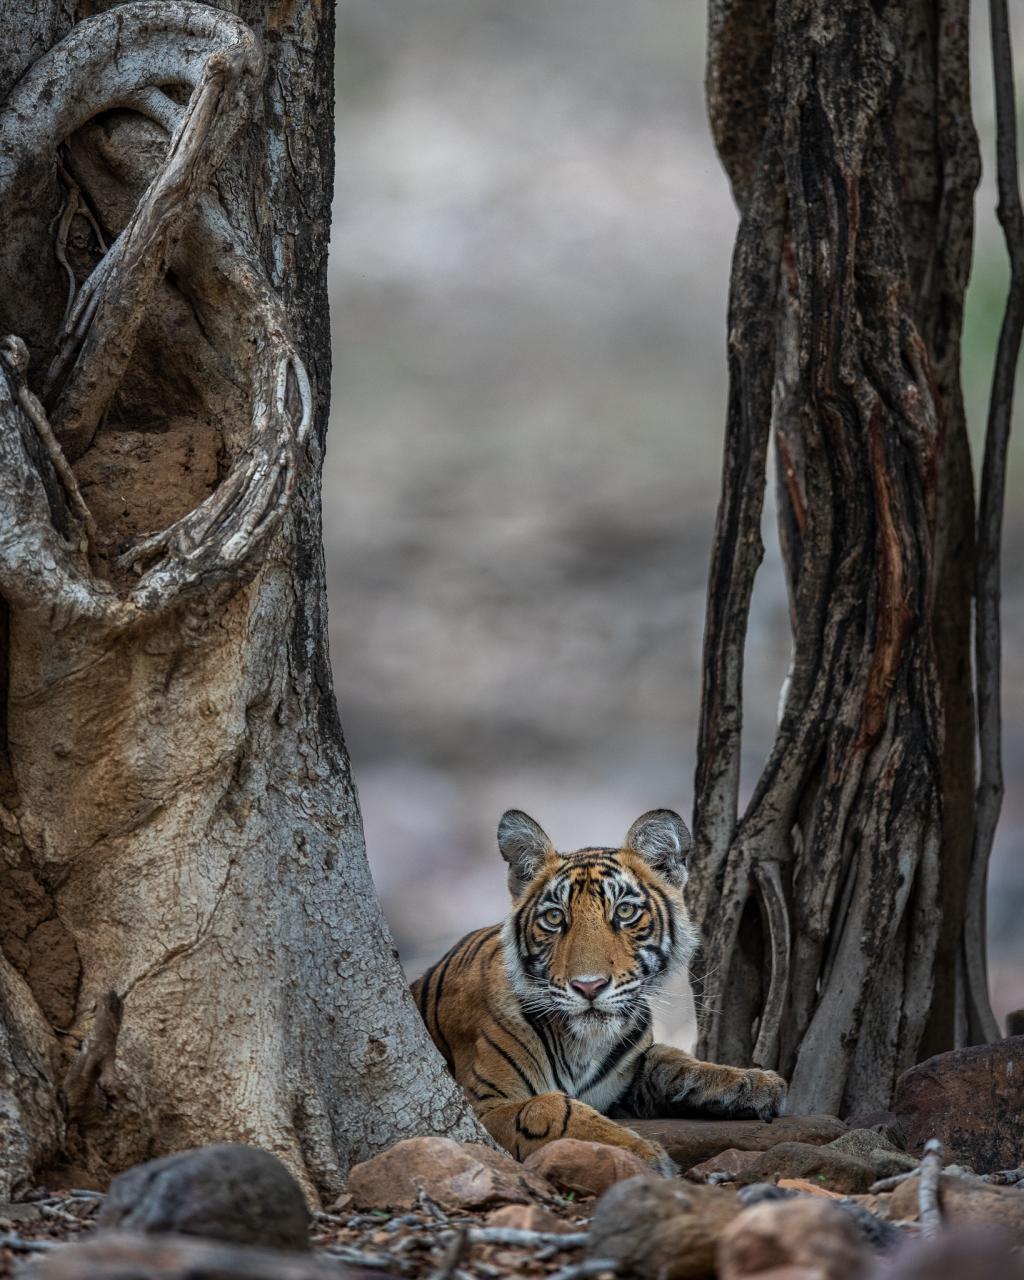 Tiger under tree